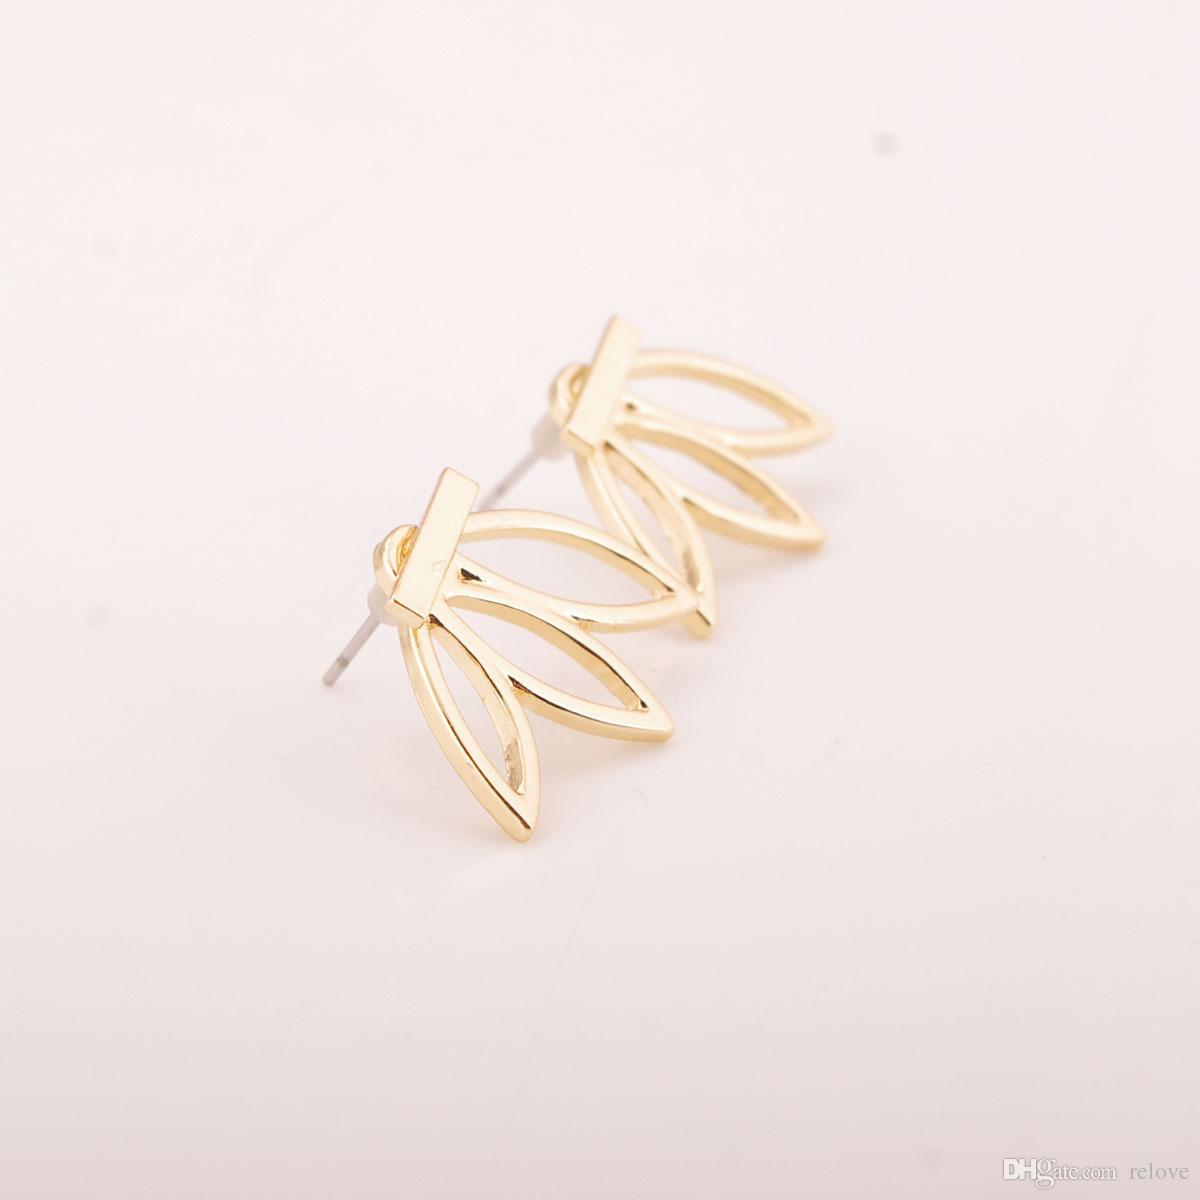 Toptan fiyat Hollow Out Lotus Çiçek Saplama Küpe Gümüş Altın Kaplama Küpe Kadınlar Lady Parti Moda Güzel Takı